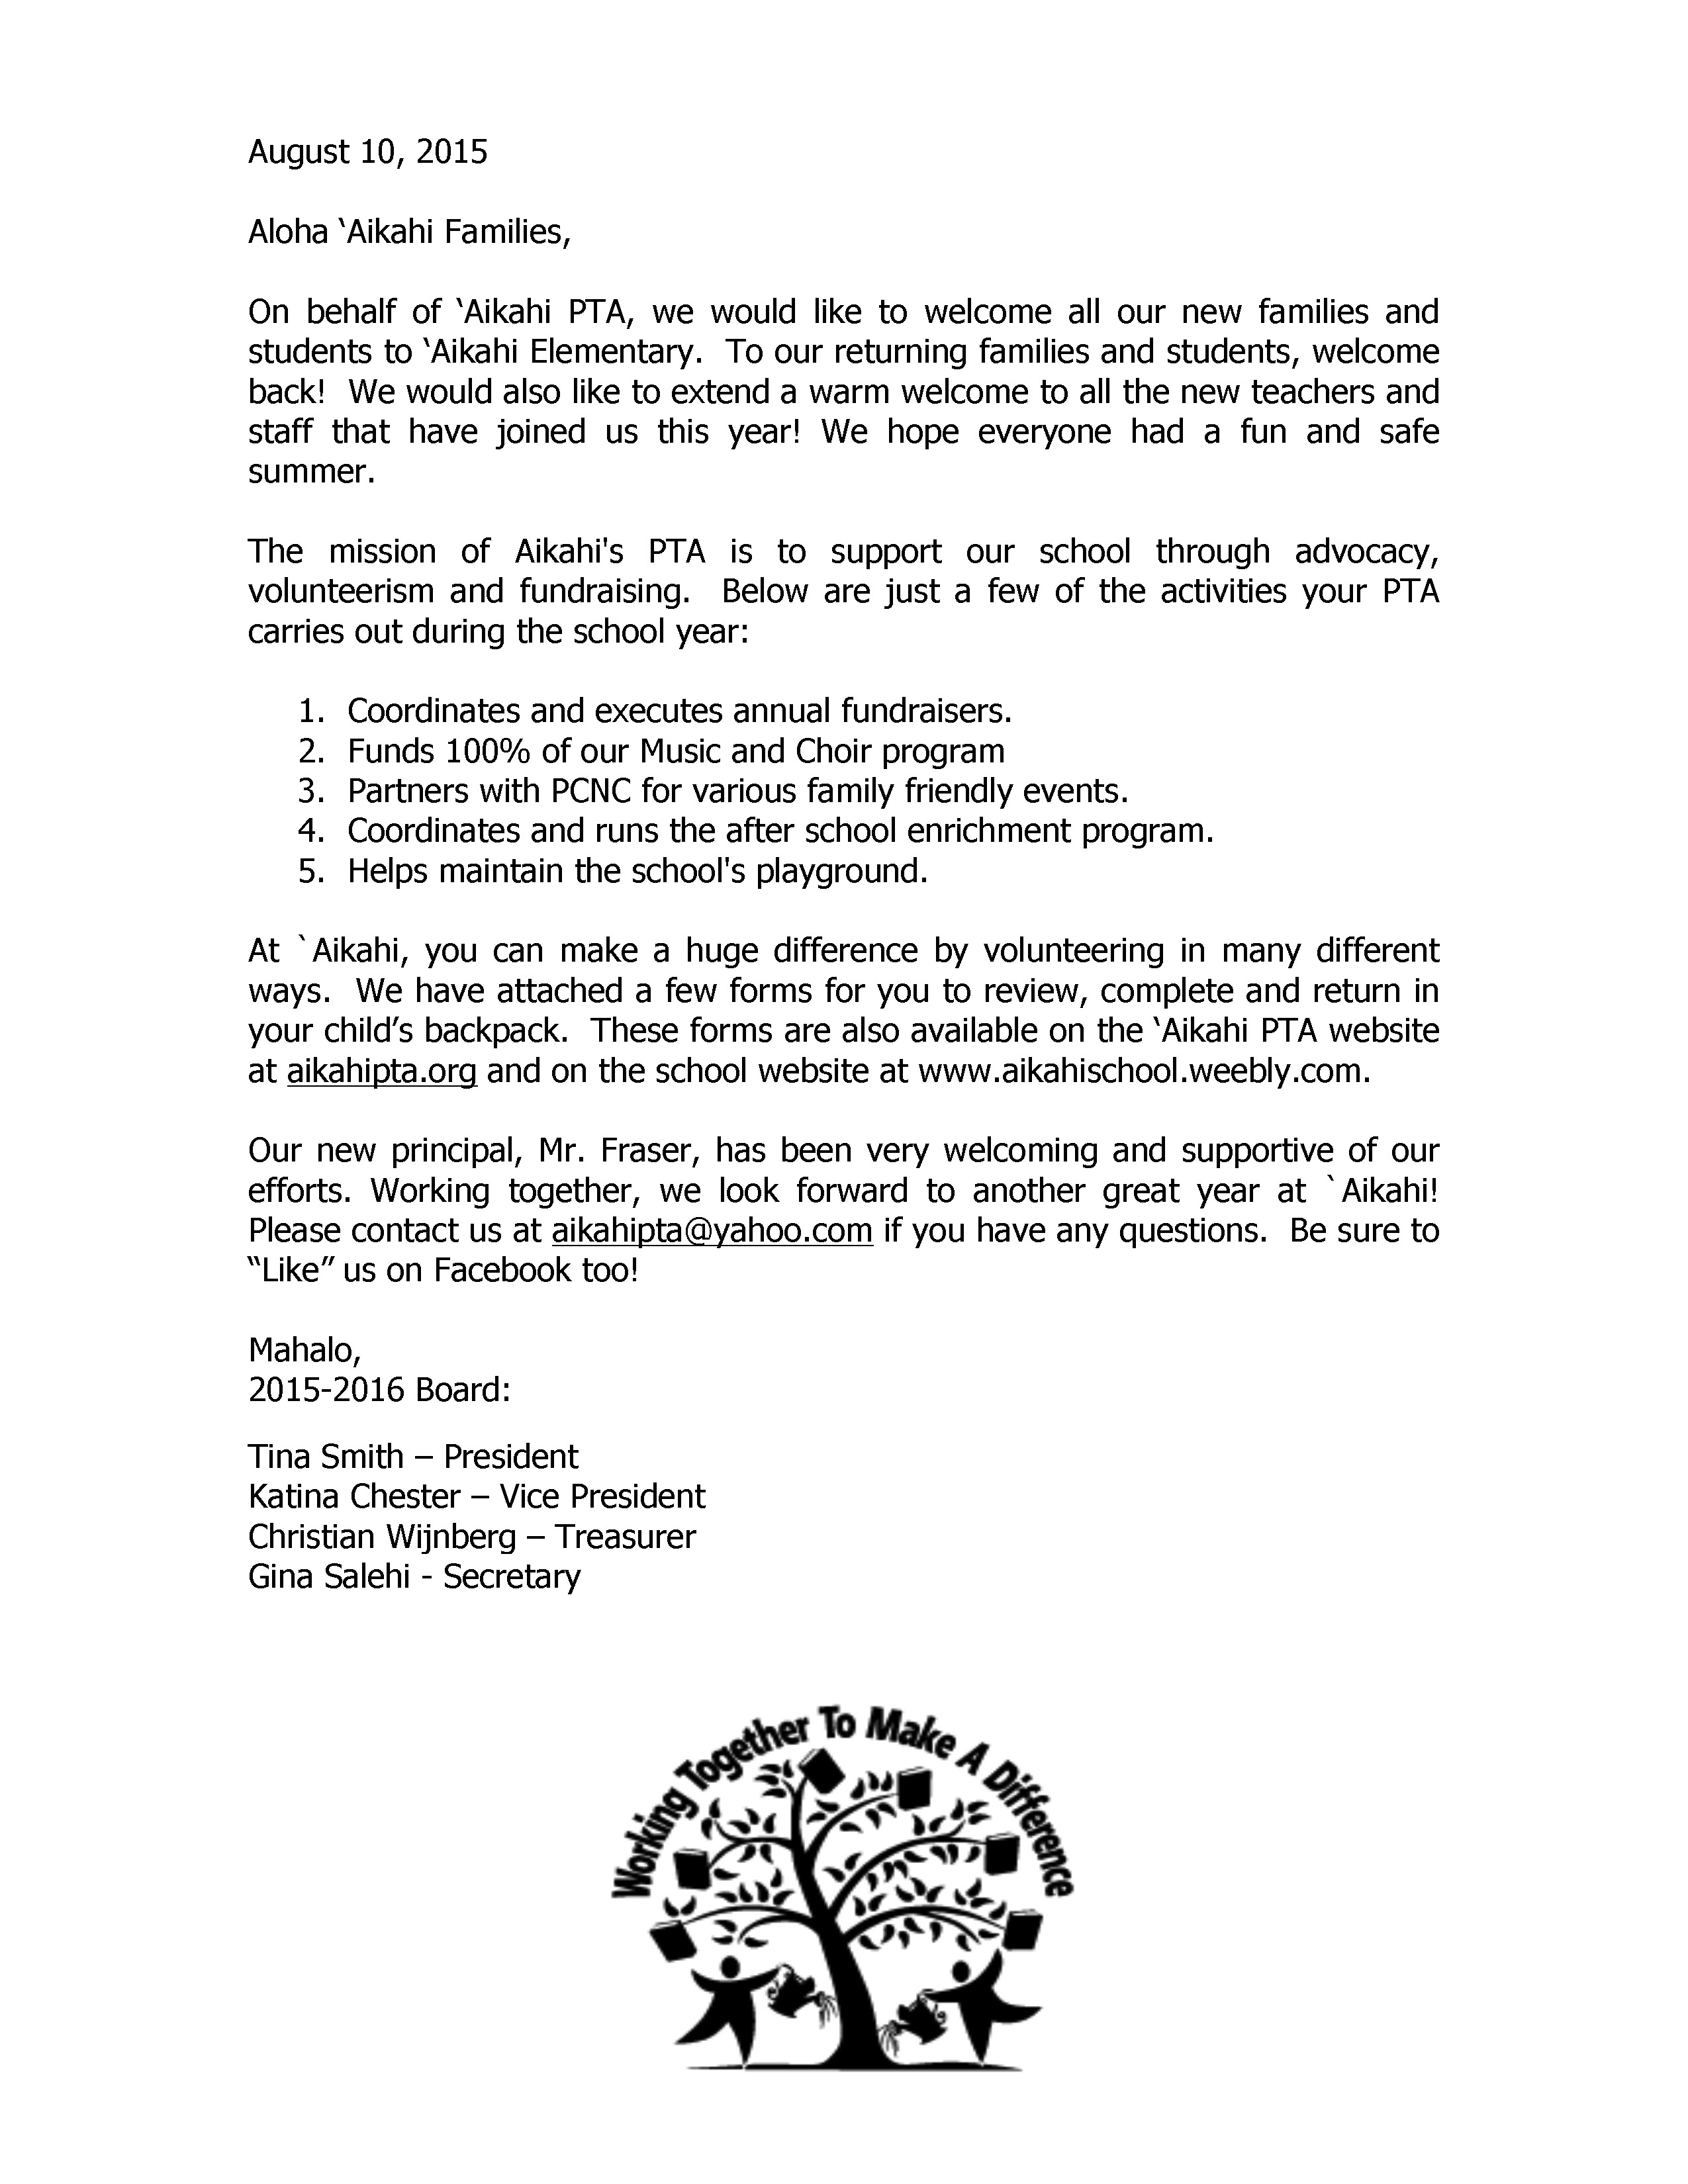 Welcome letter aikahi elementary pta 2015 welcome letter altavistaventures Images